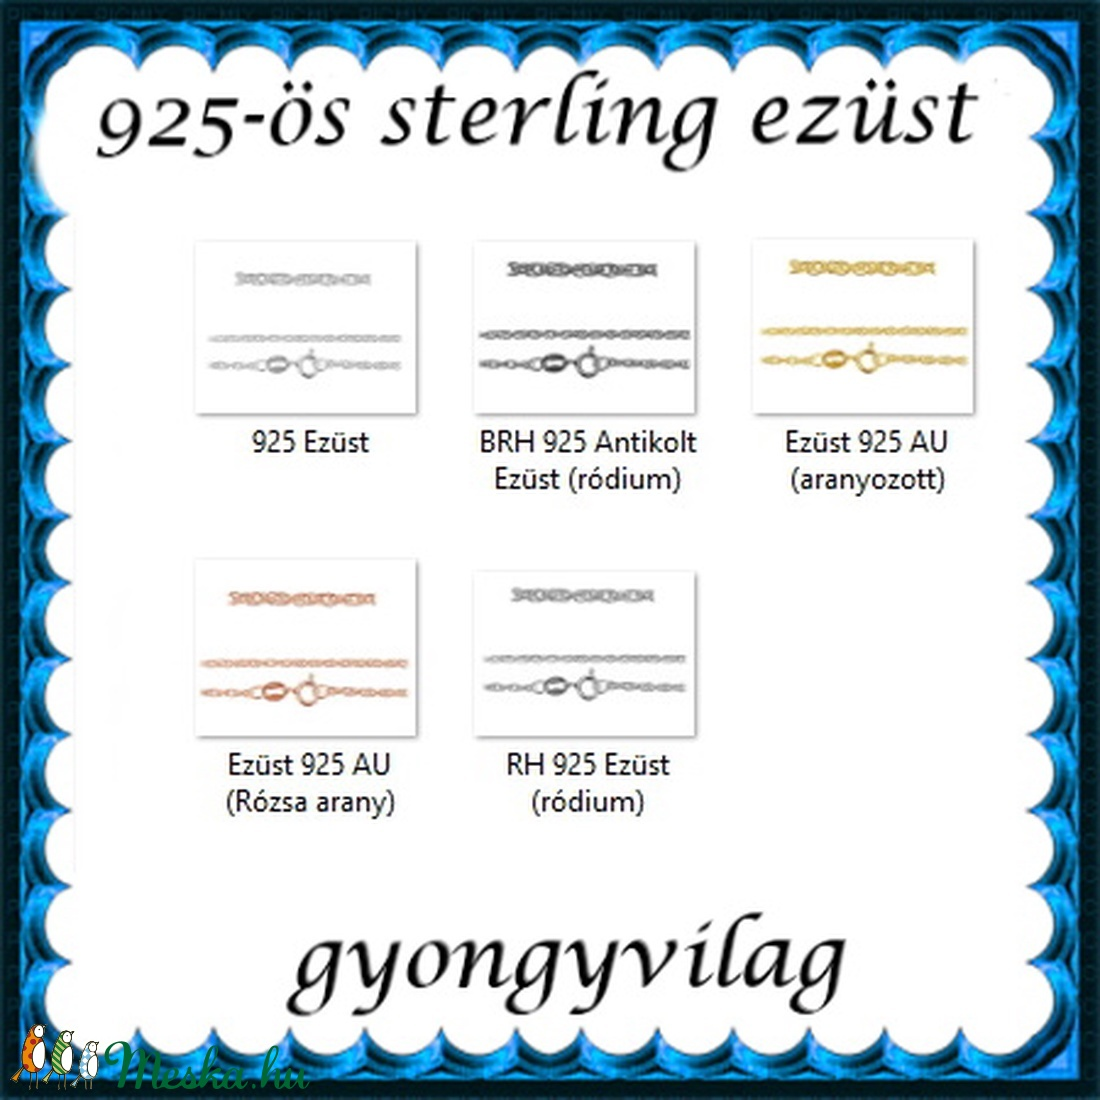 Ékszerek-nyakláncok: 925-ös sterling ezüst lánc SSZ-EÜL 07-42-1,55 e - ékszer - nyaklánc - medál nélküli nyaklánc - Meska.hu